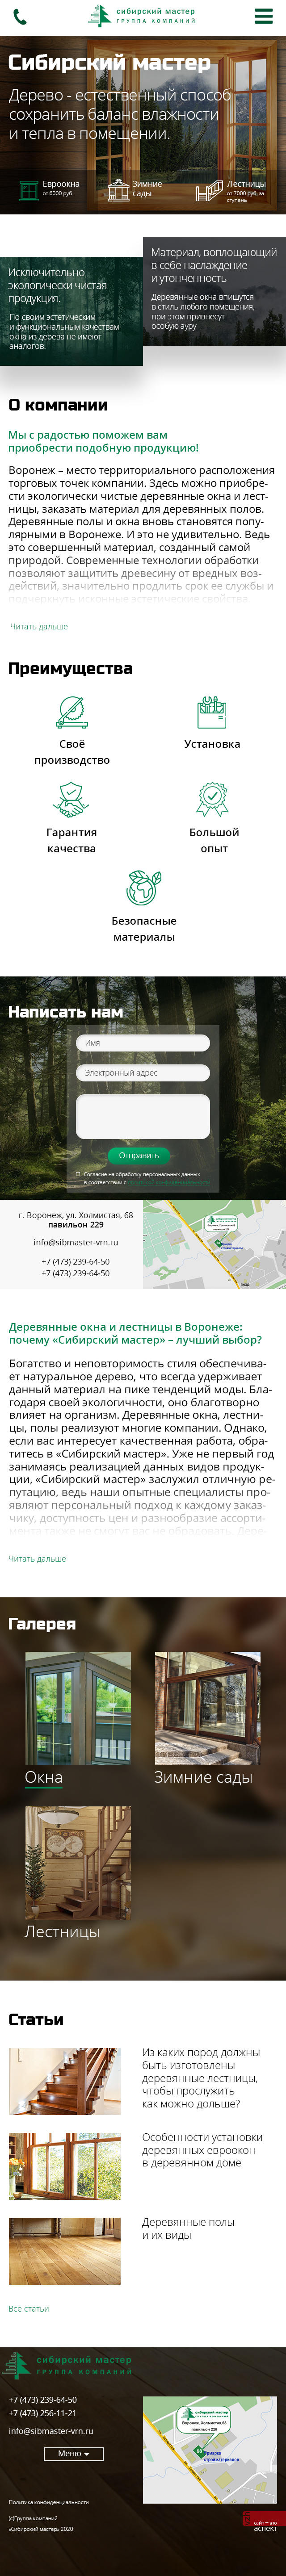 примеры сайтов производства Сибирский Мастер 640 px